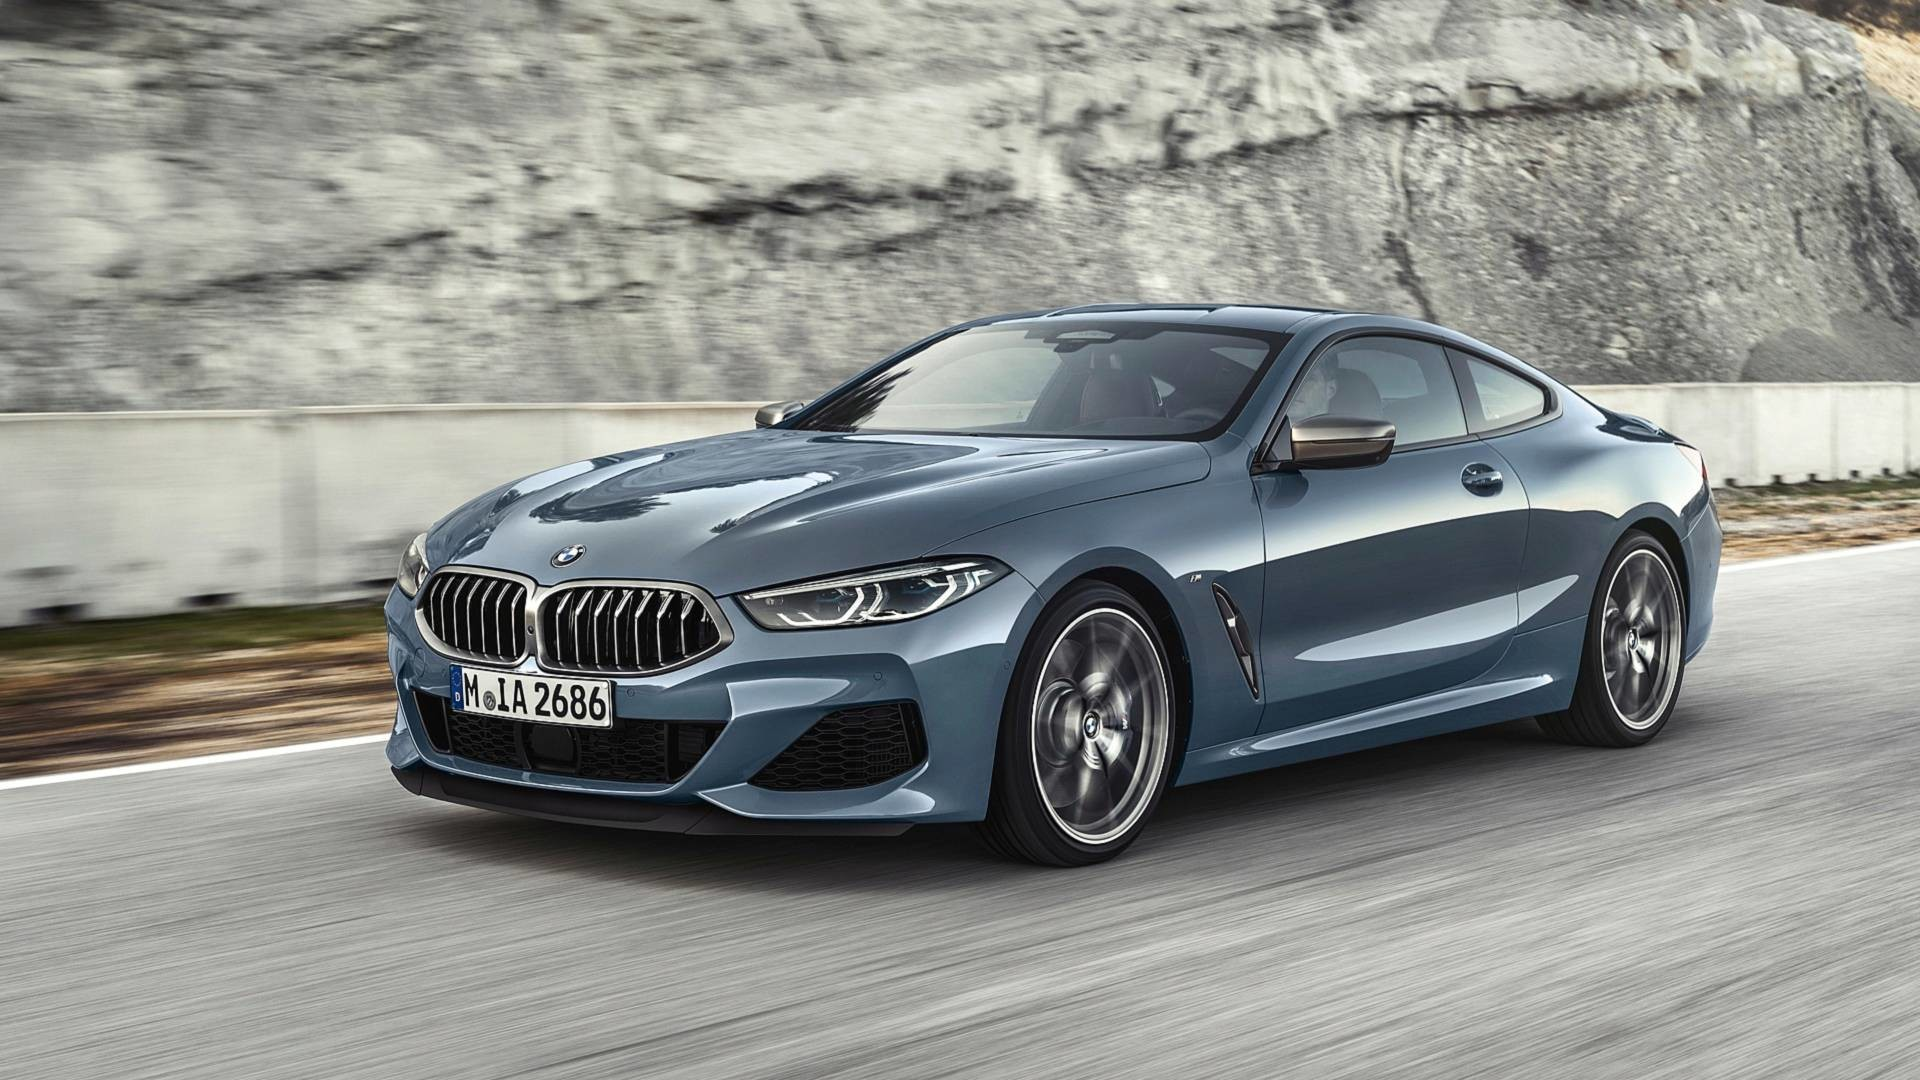 BMW 8 серии - официальные фотографии